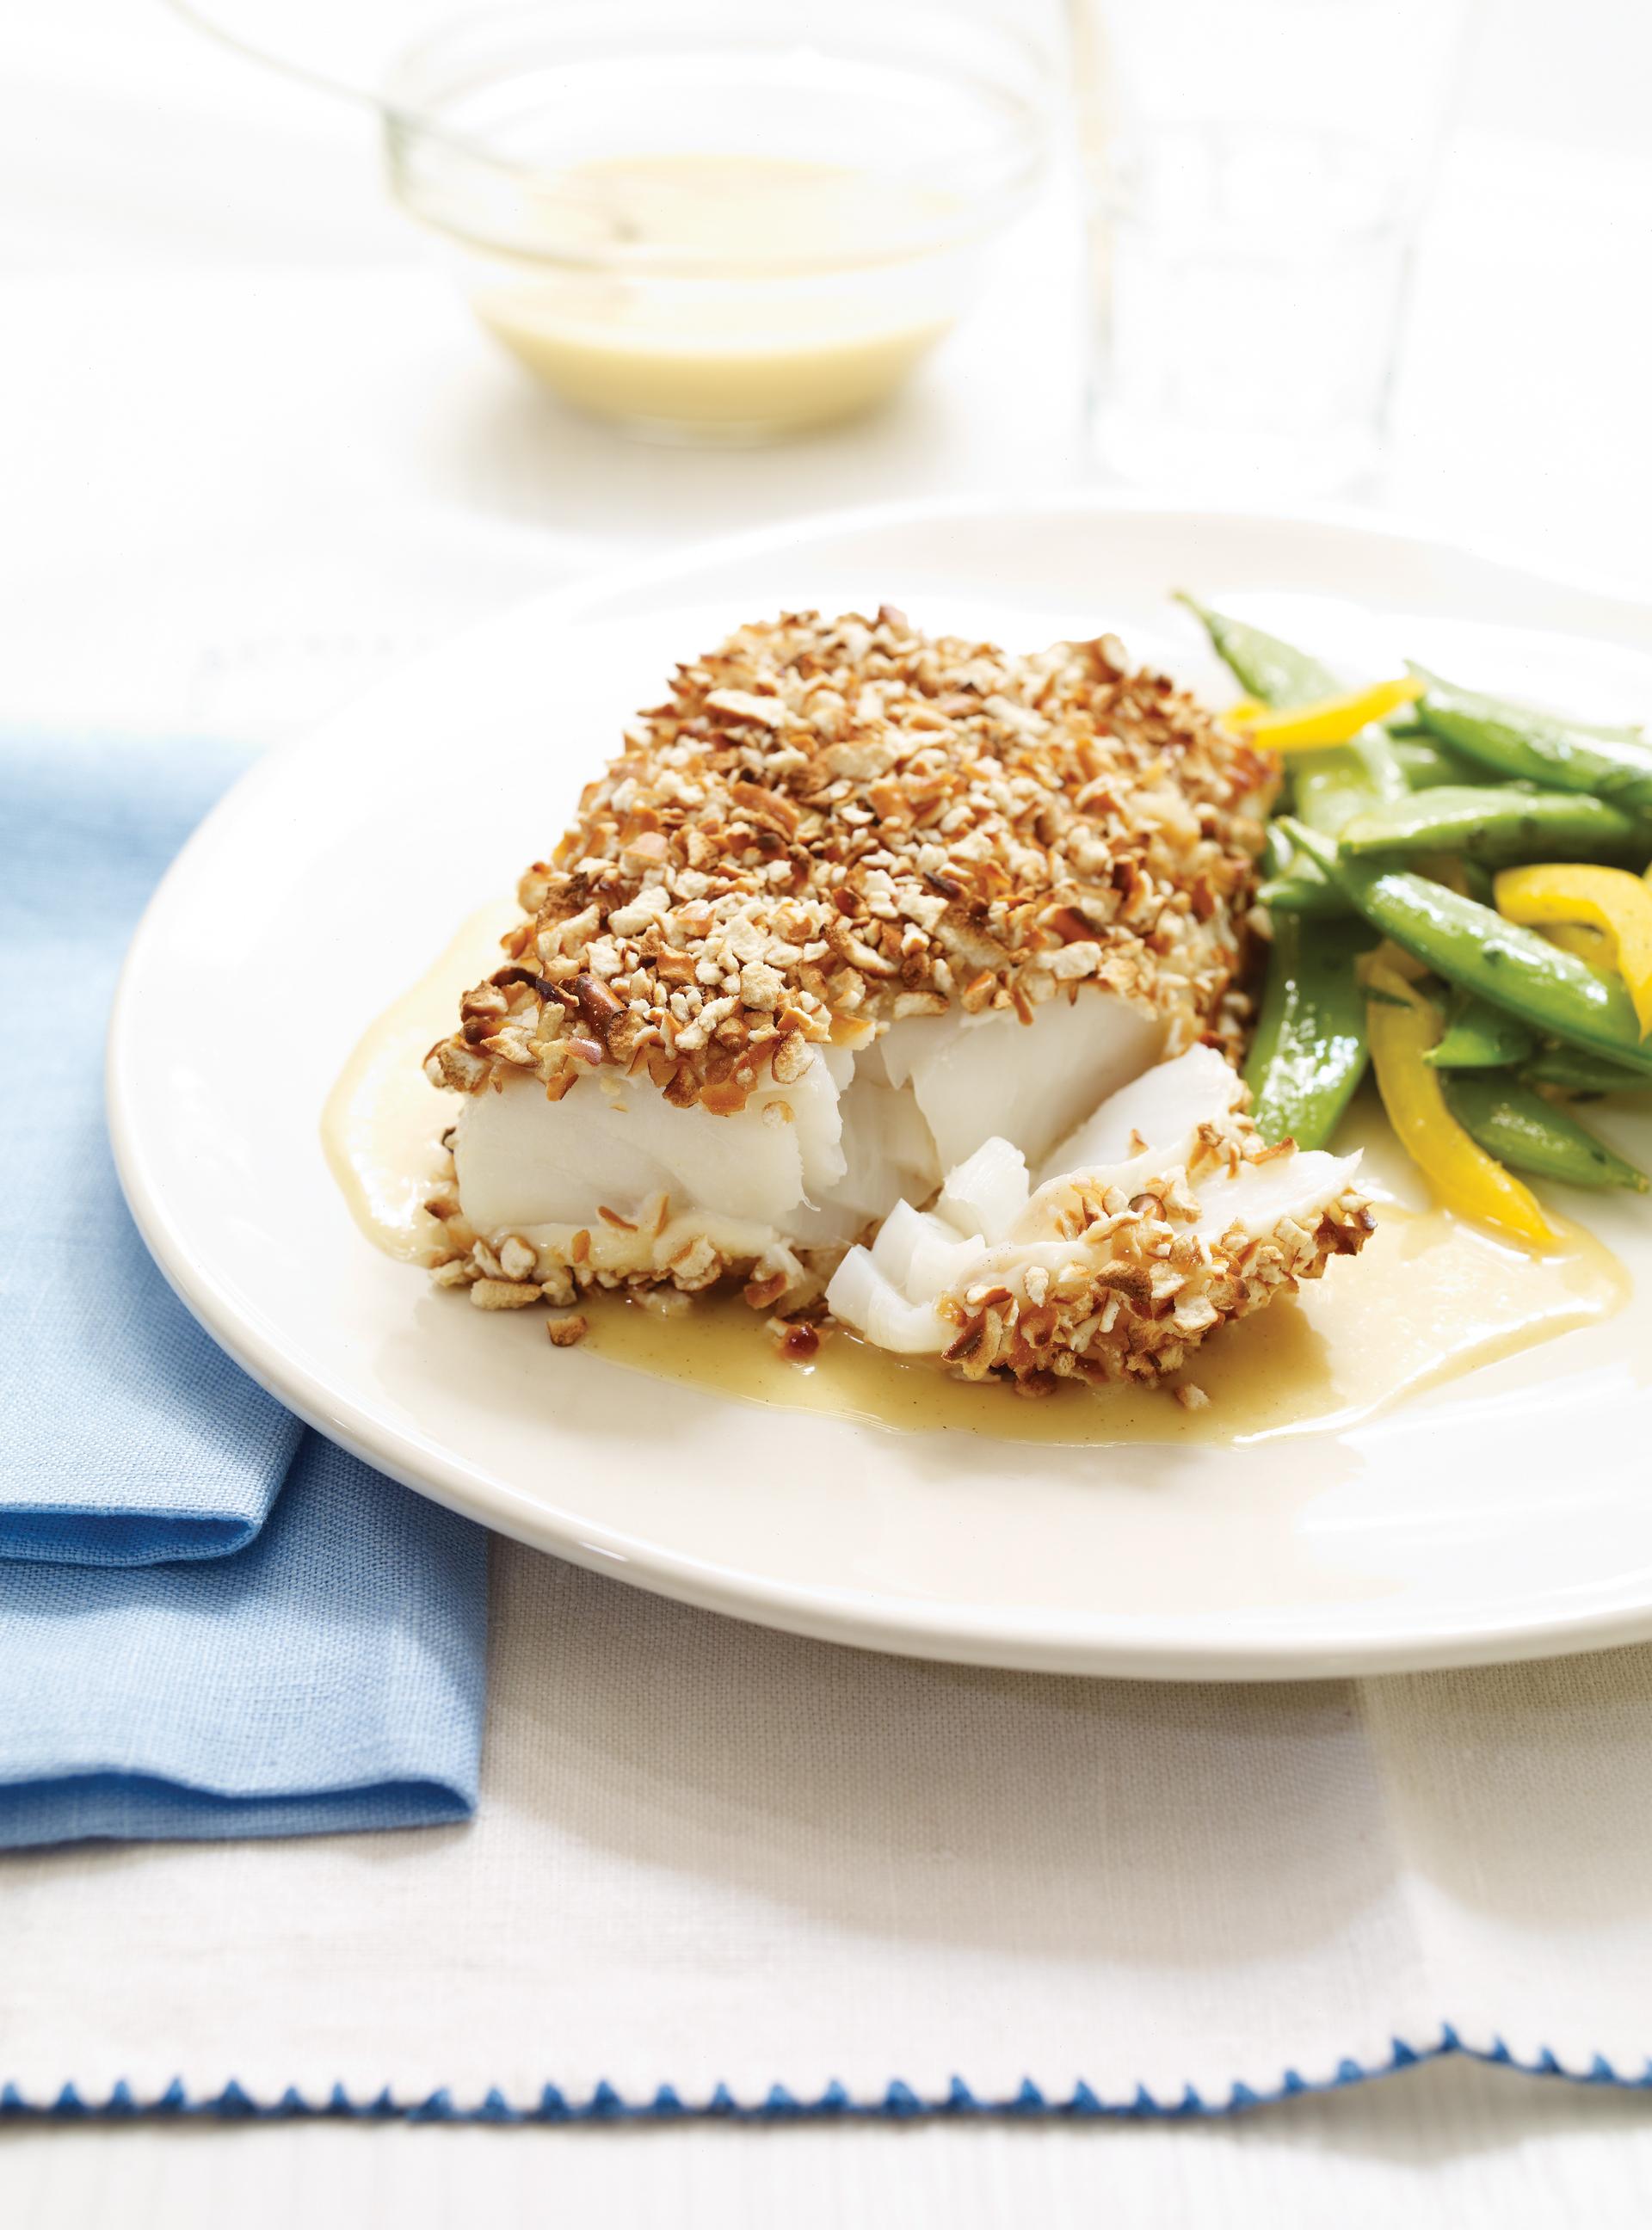 Recette repas noel avec poisson